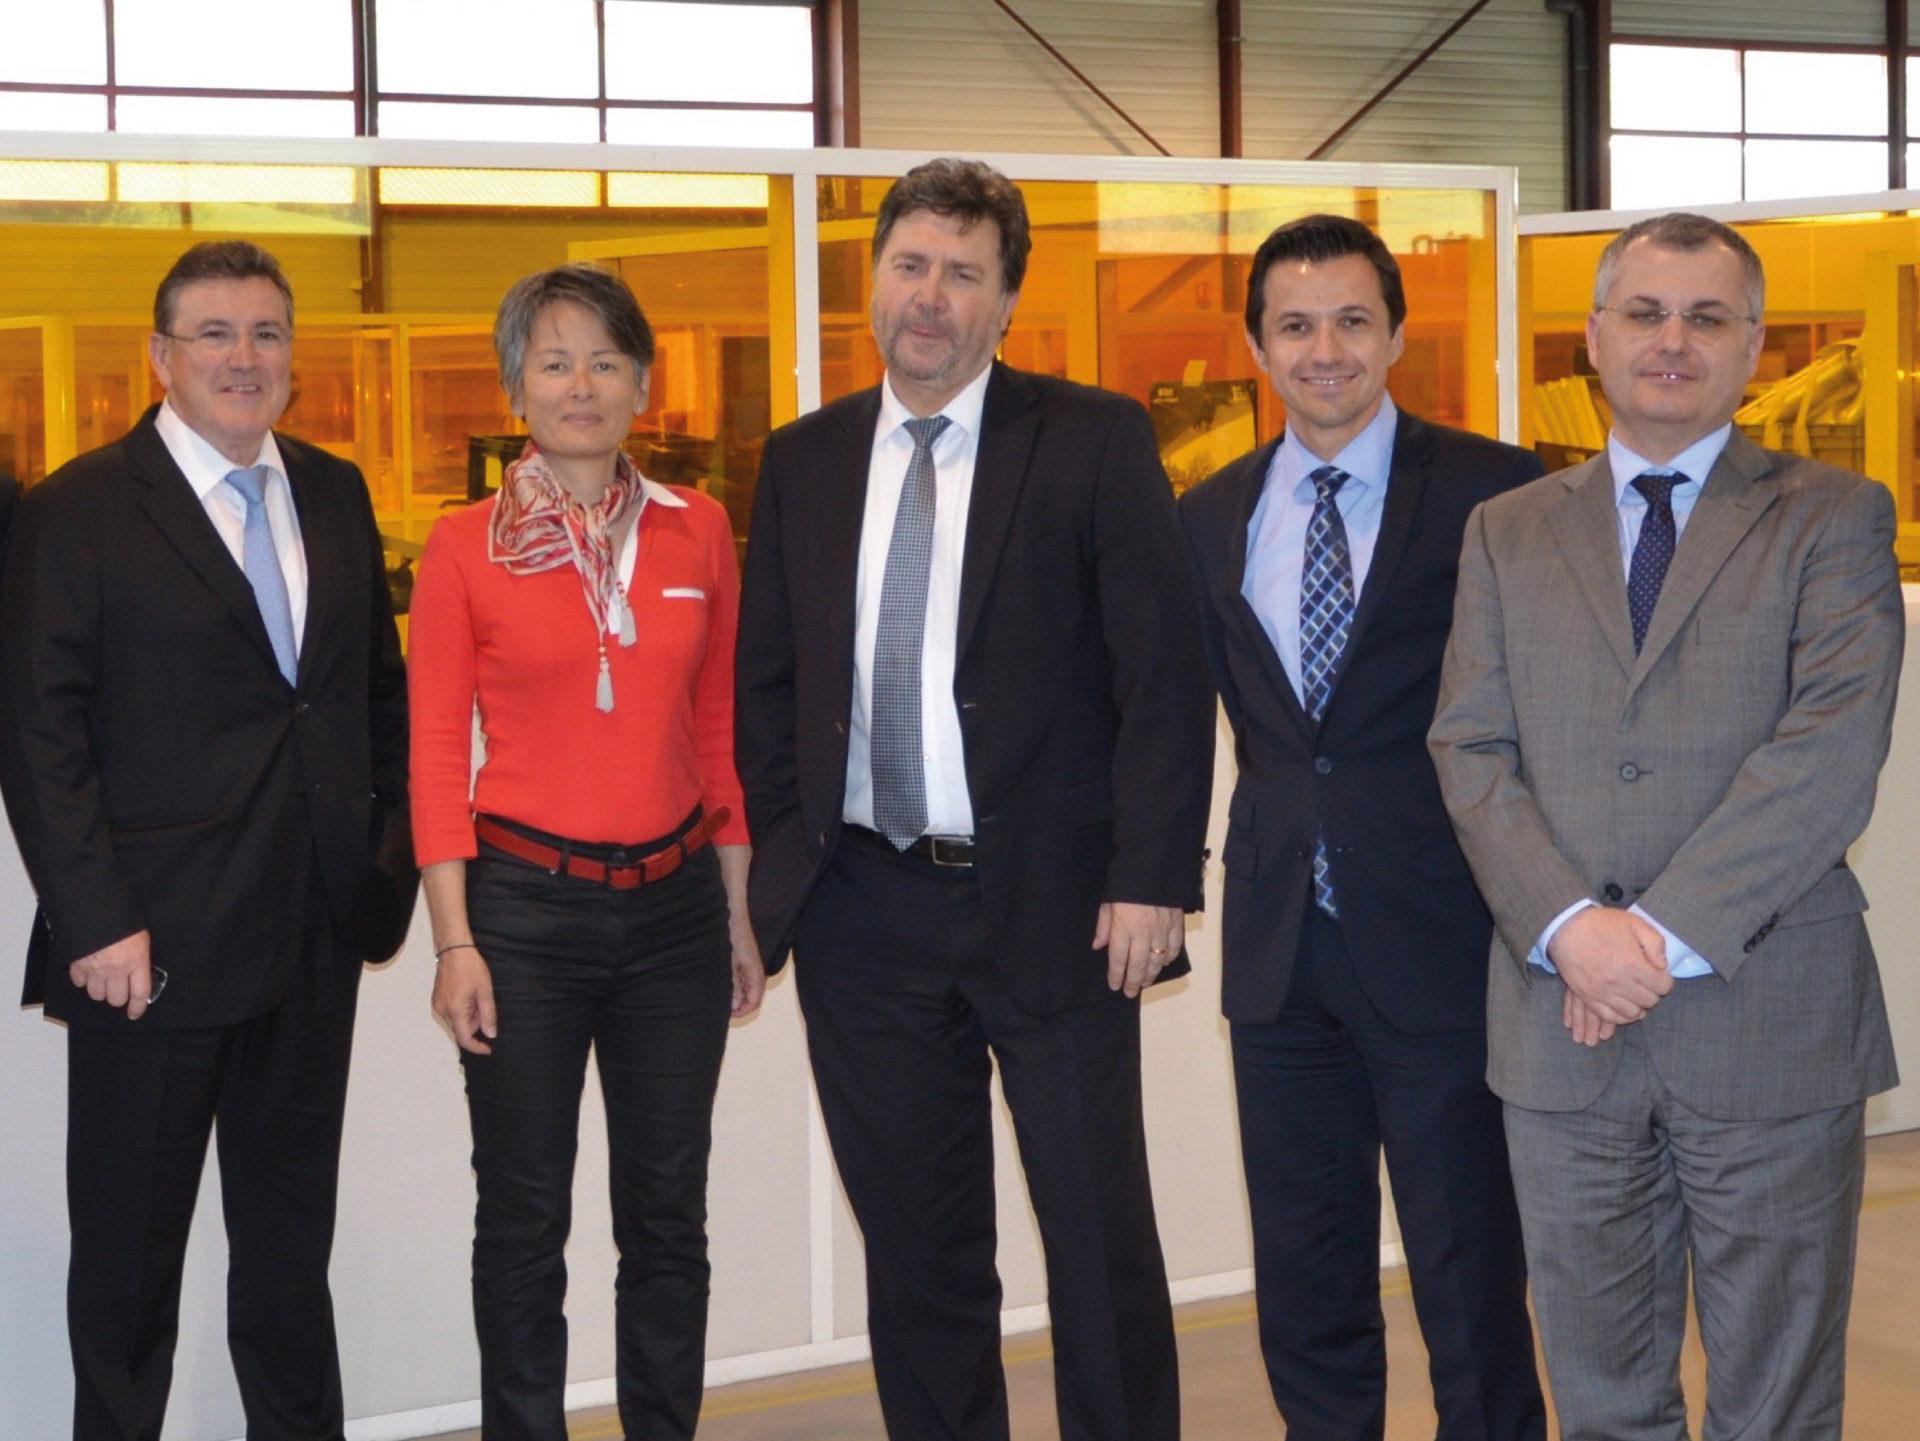 Visite de Patrick Piedrafita, le président d'Airbus Opérations, Mme HA-MINH-TU Cécile et M. KATZENMAYER Didier